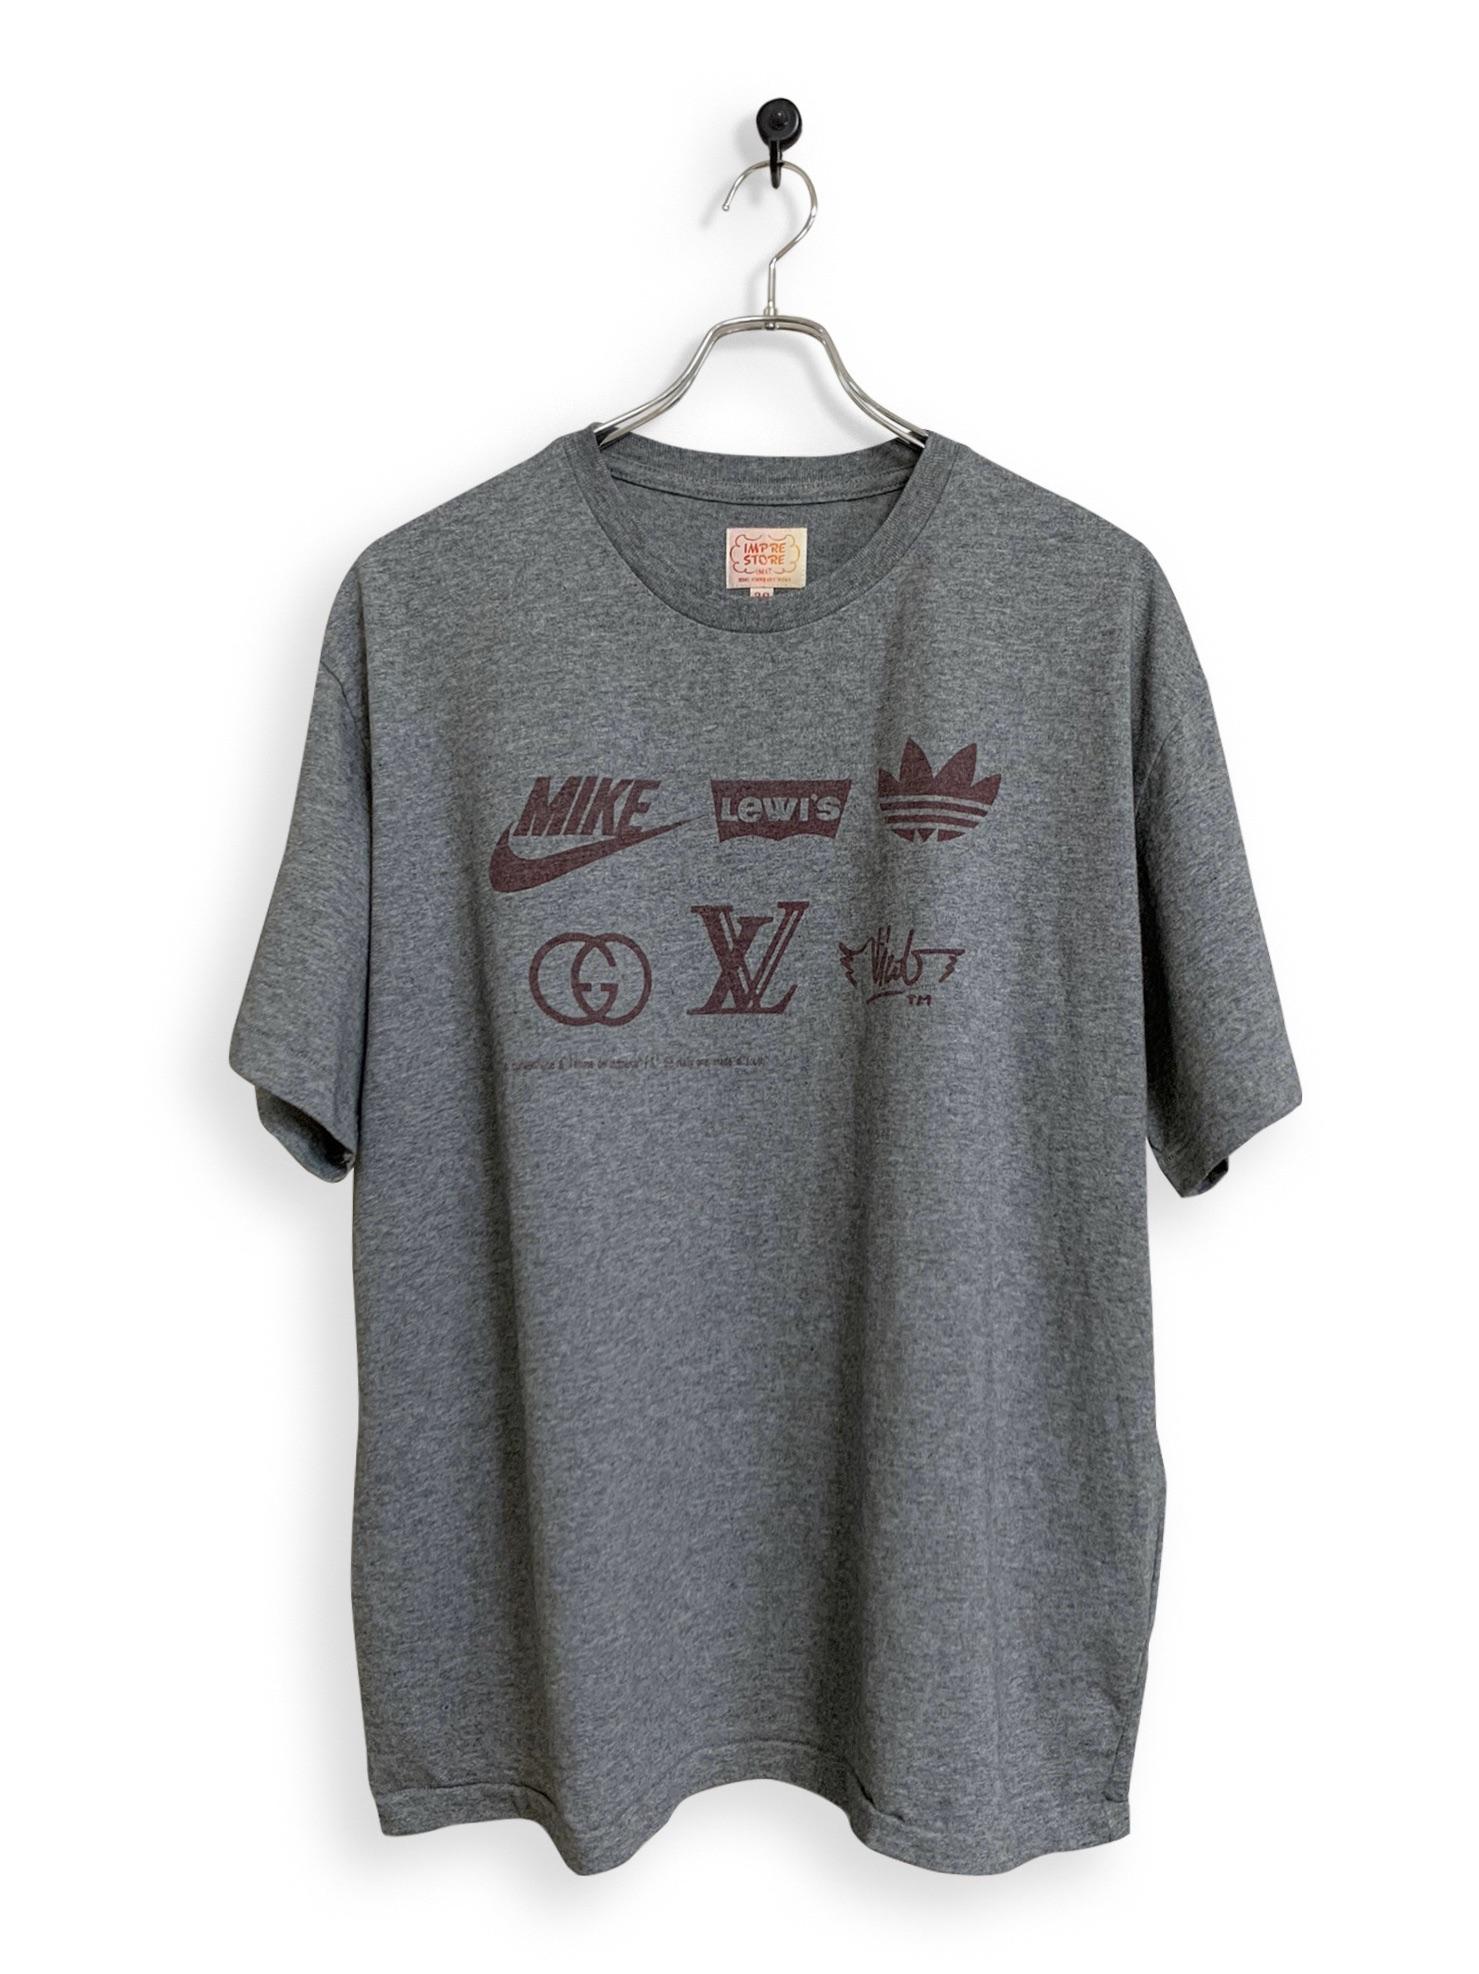 上下セットアップご購入で非売品Tシャツプレゼント!